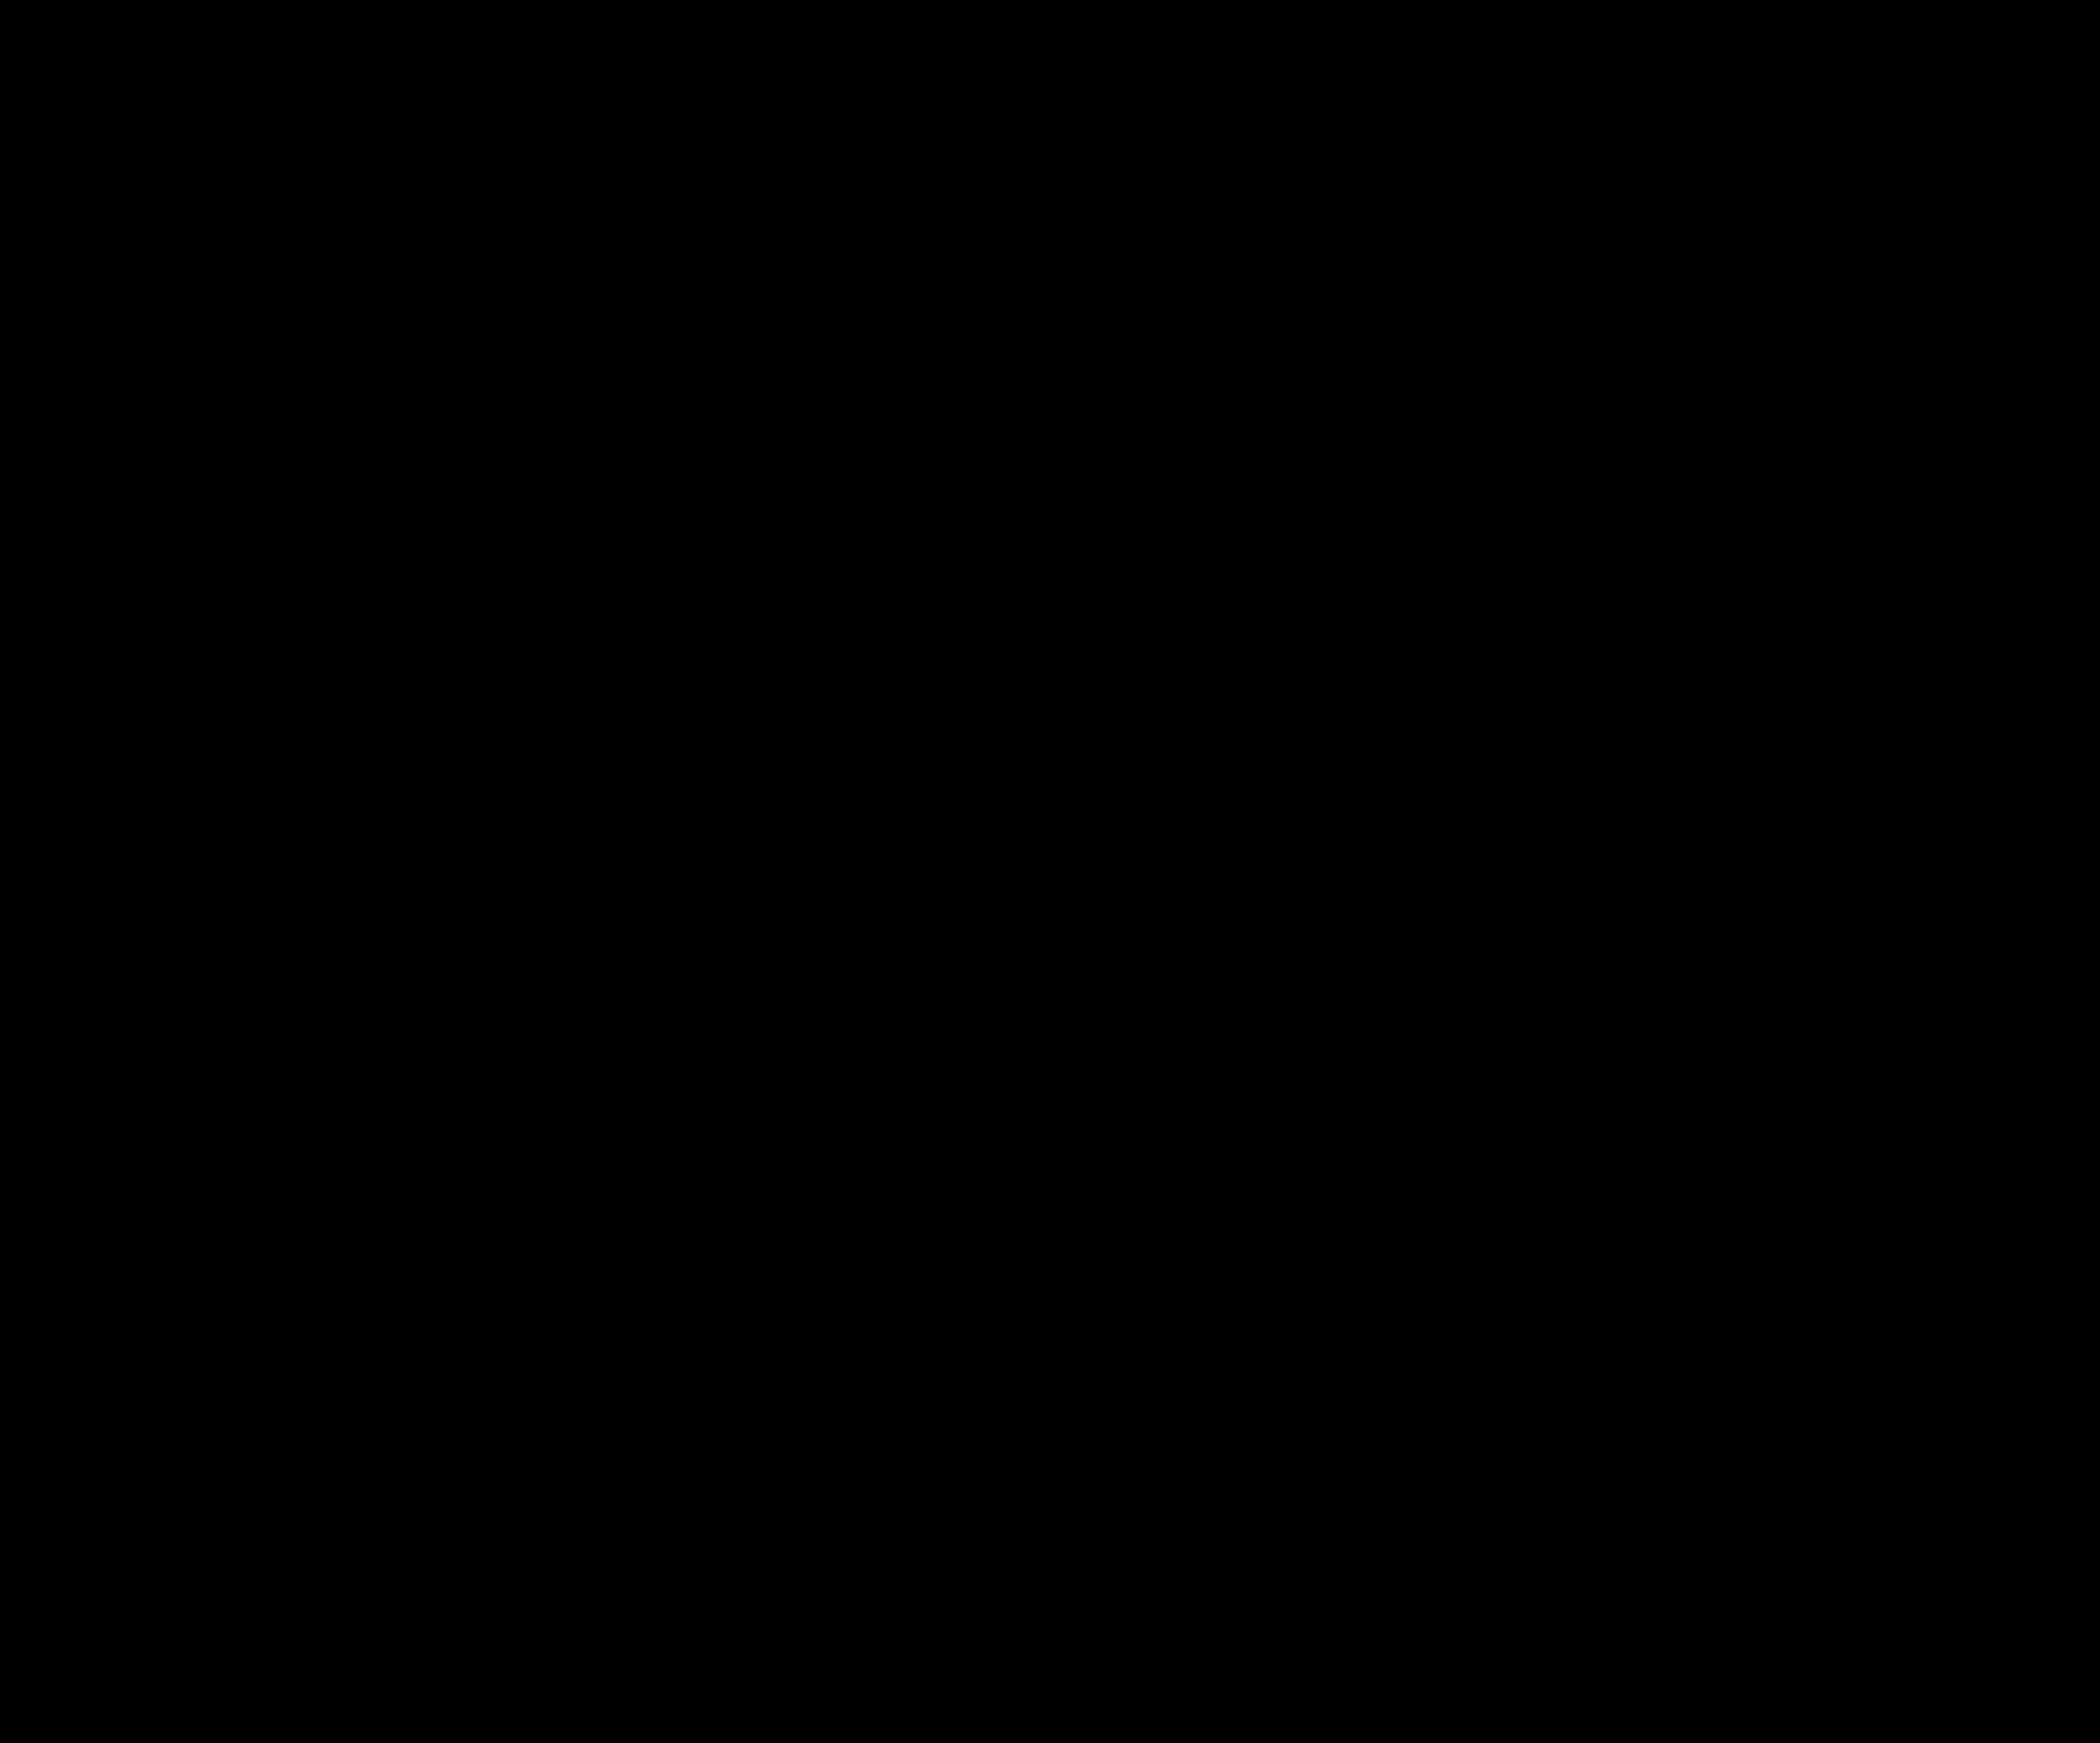 Первые каменные технологии оказались старше, чем полагали